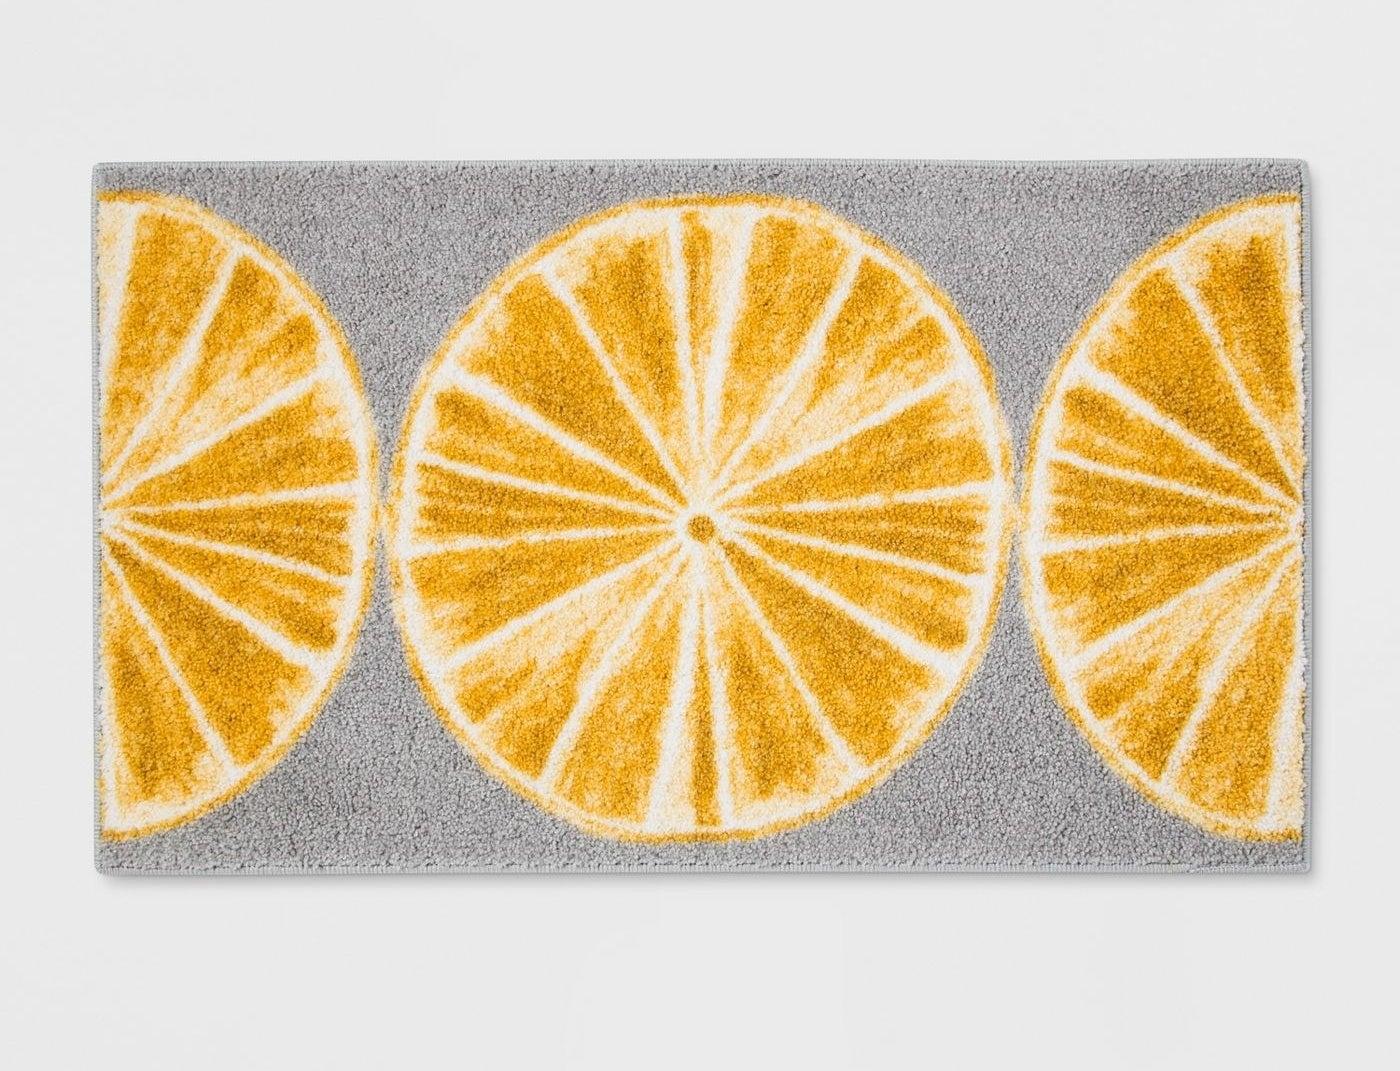 gray rug with yellow lemons